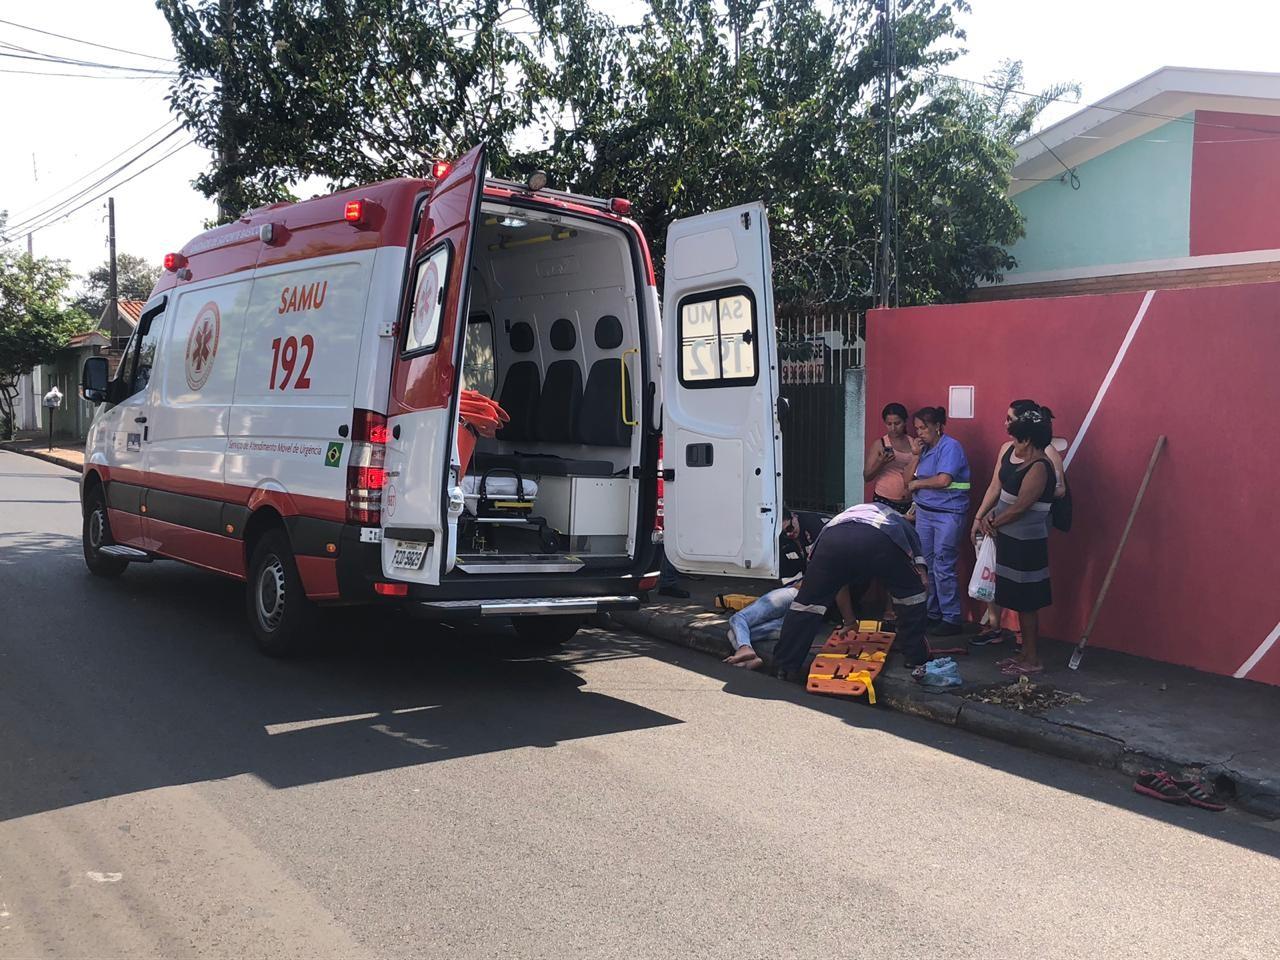 Carro desgovernado invade calçada, atropela gari e atinge duas casas em Araraquara - Notícias - Plantão Diário